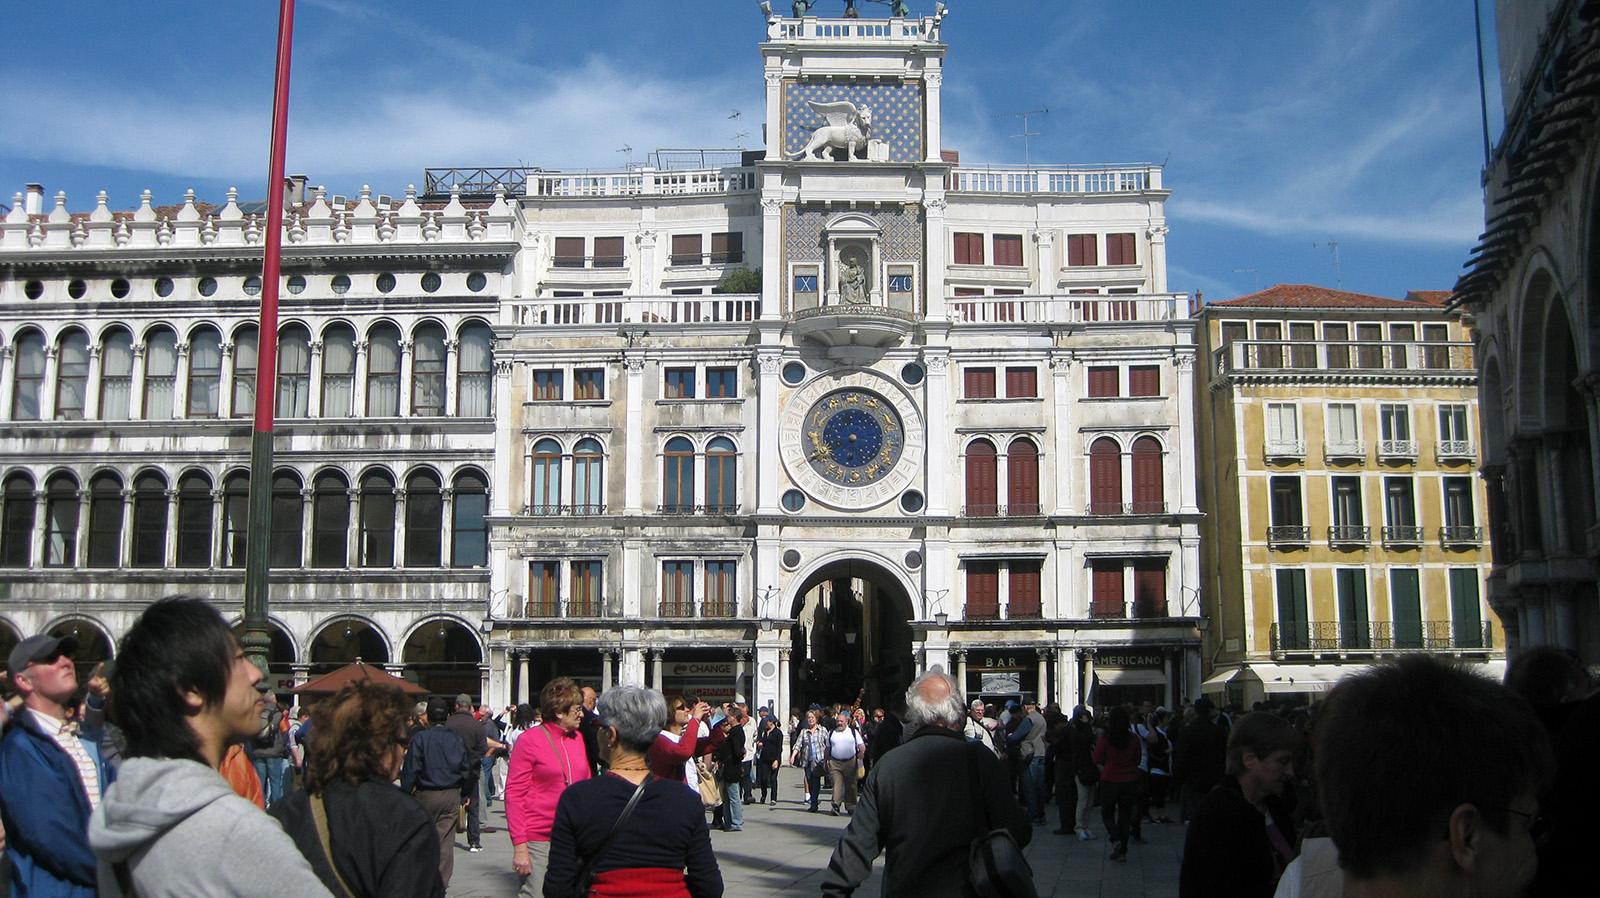 Viaggio a Venezia. Sestiere di San Marco II | Meandros y Poliedros